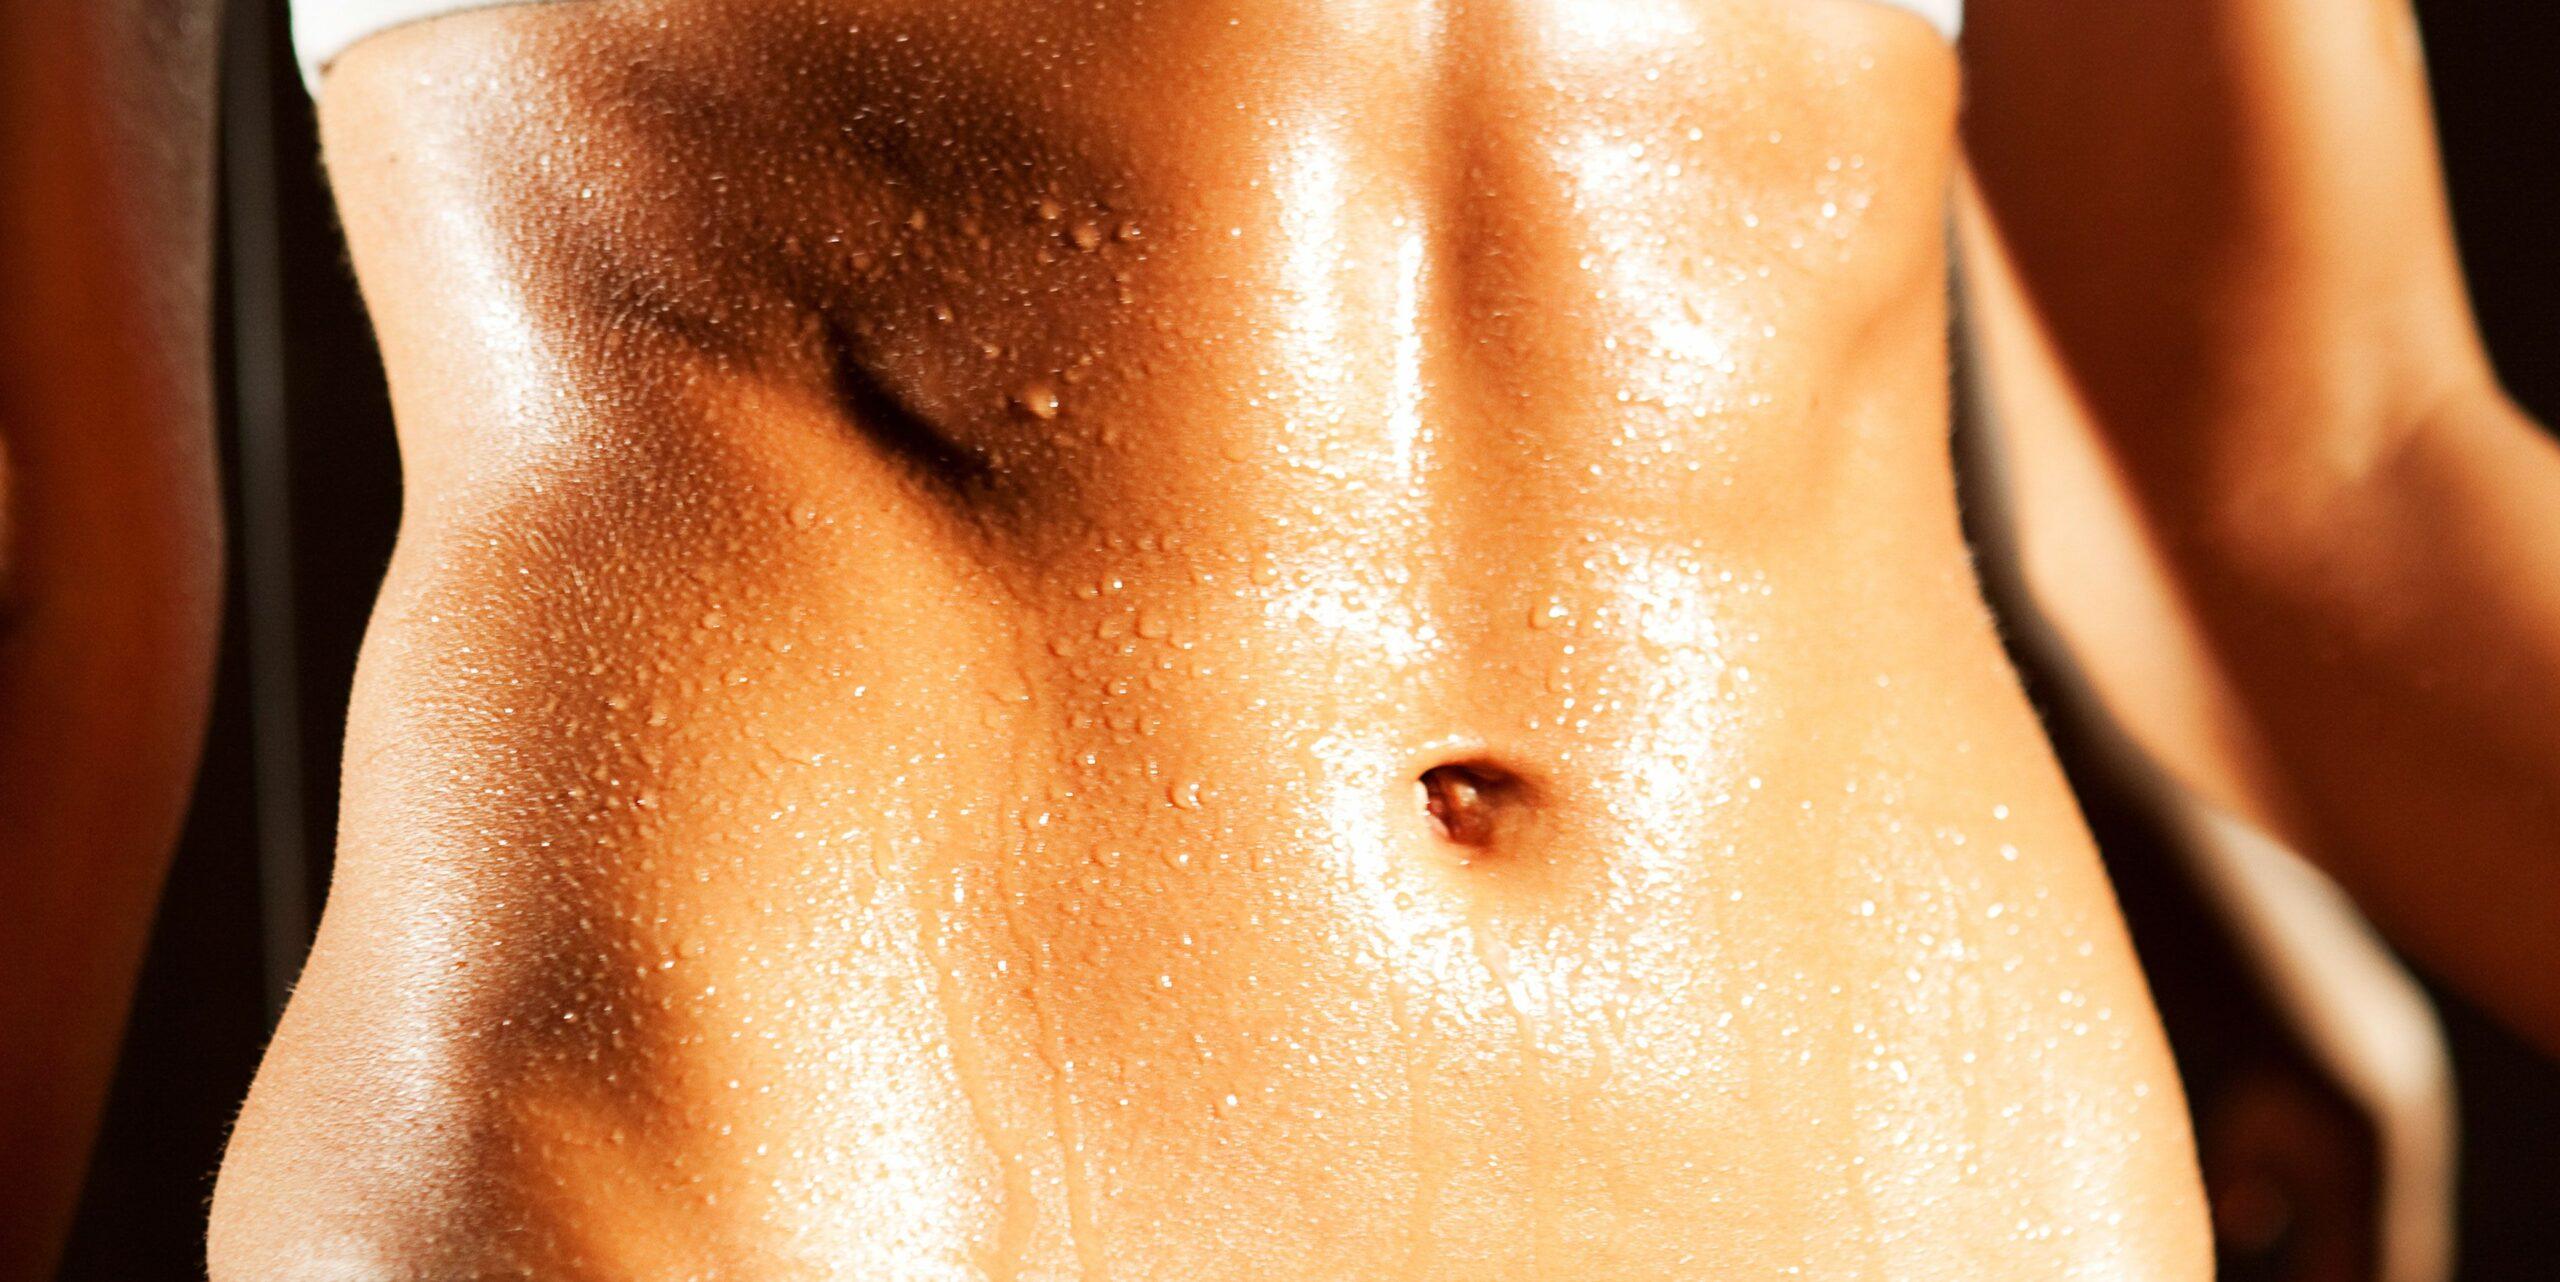 Posição Sexual: Quantas calorias a sua favorita queima?